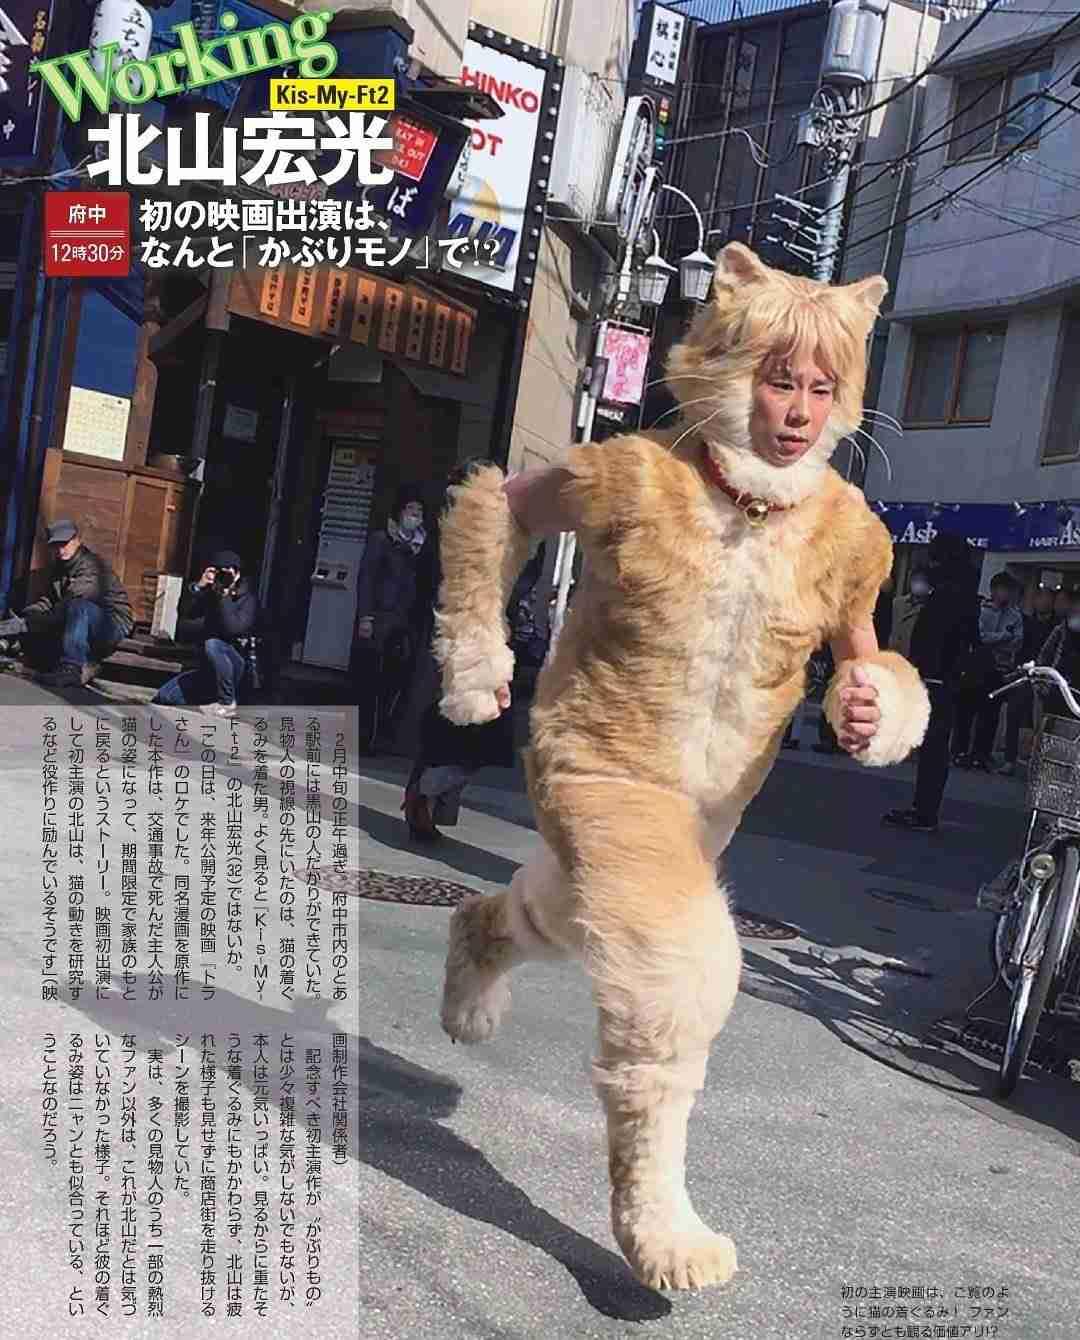 人気漫画『トラさん』が実写映画化、主演はKis-My-Ft2北山宏光